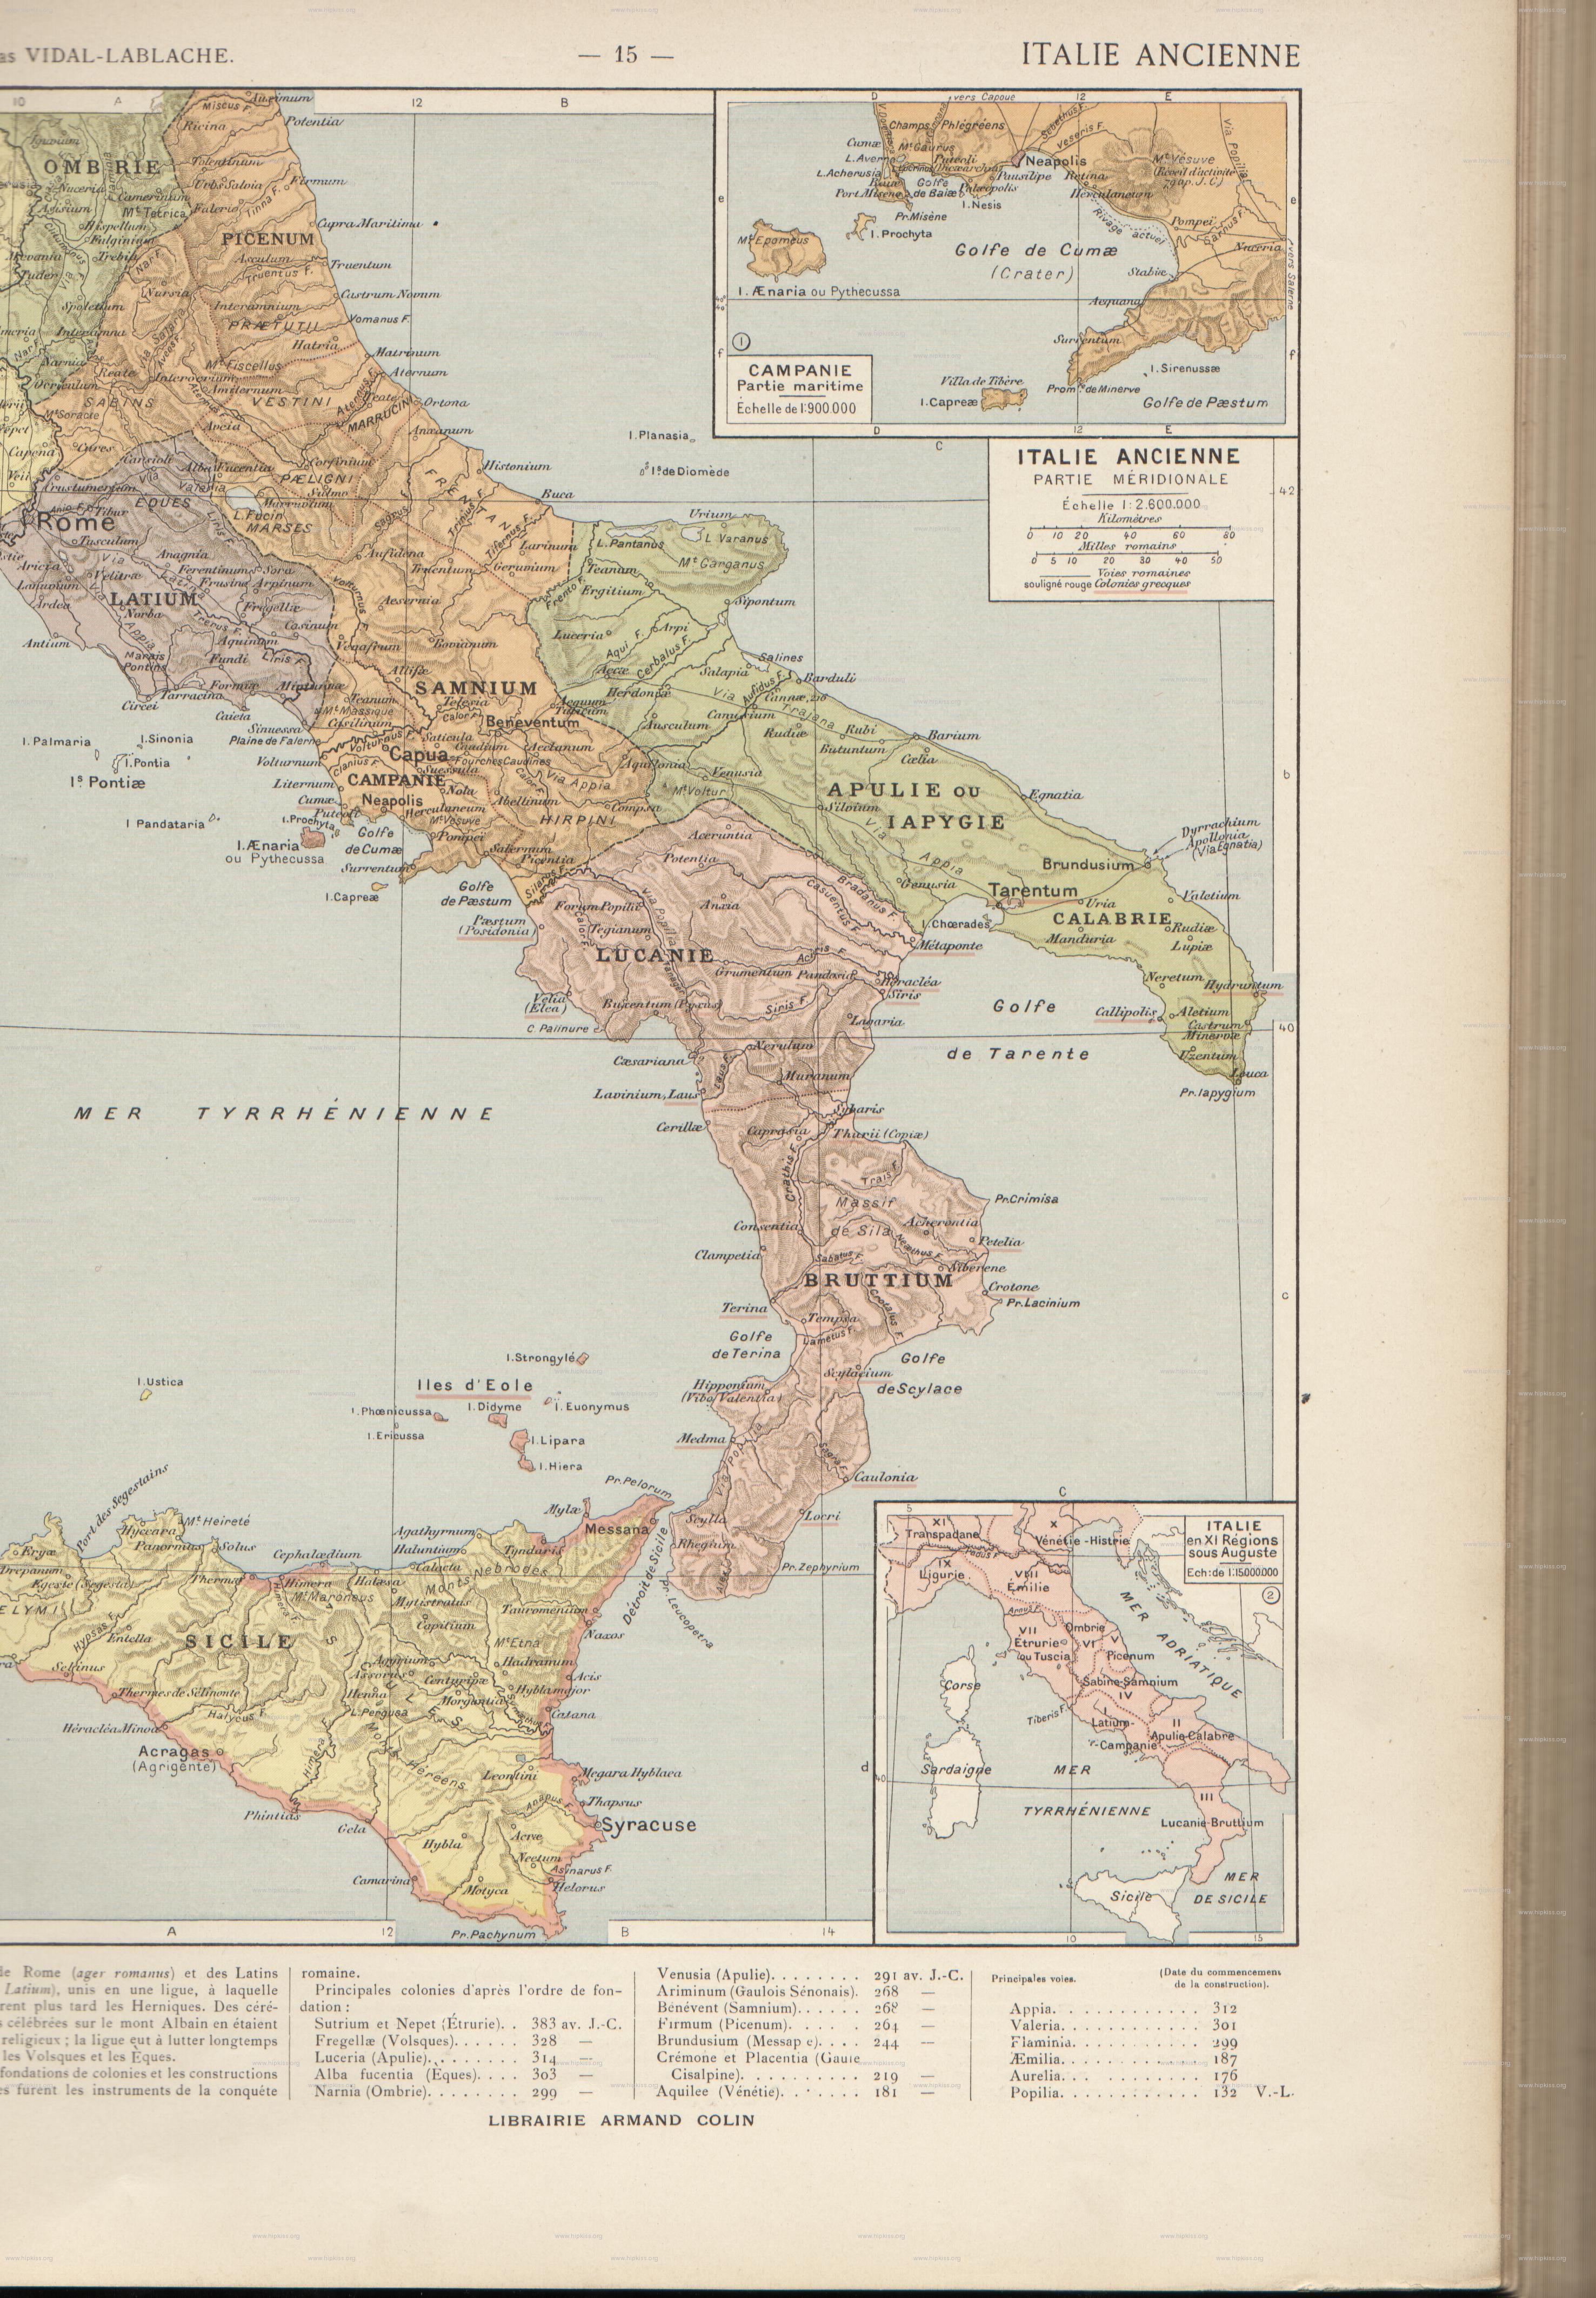 Tarentum Italy Map.Defensive Imperialism The Roman Republic Part 2 Rome Versus